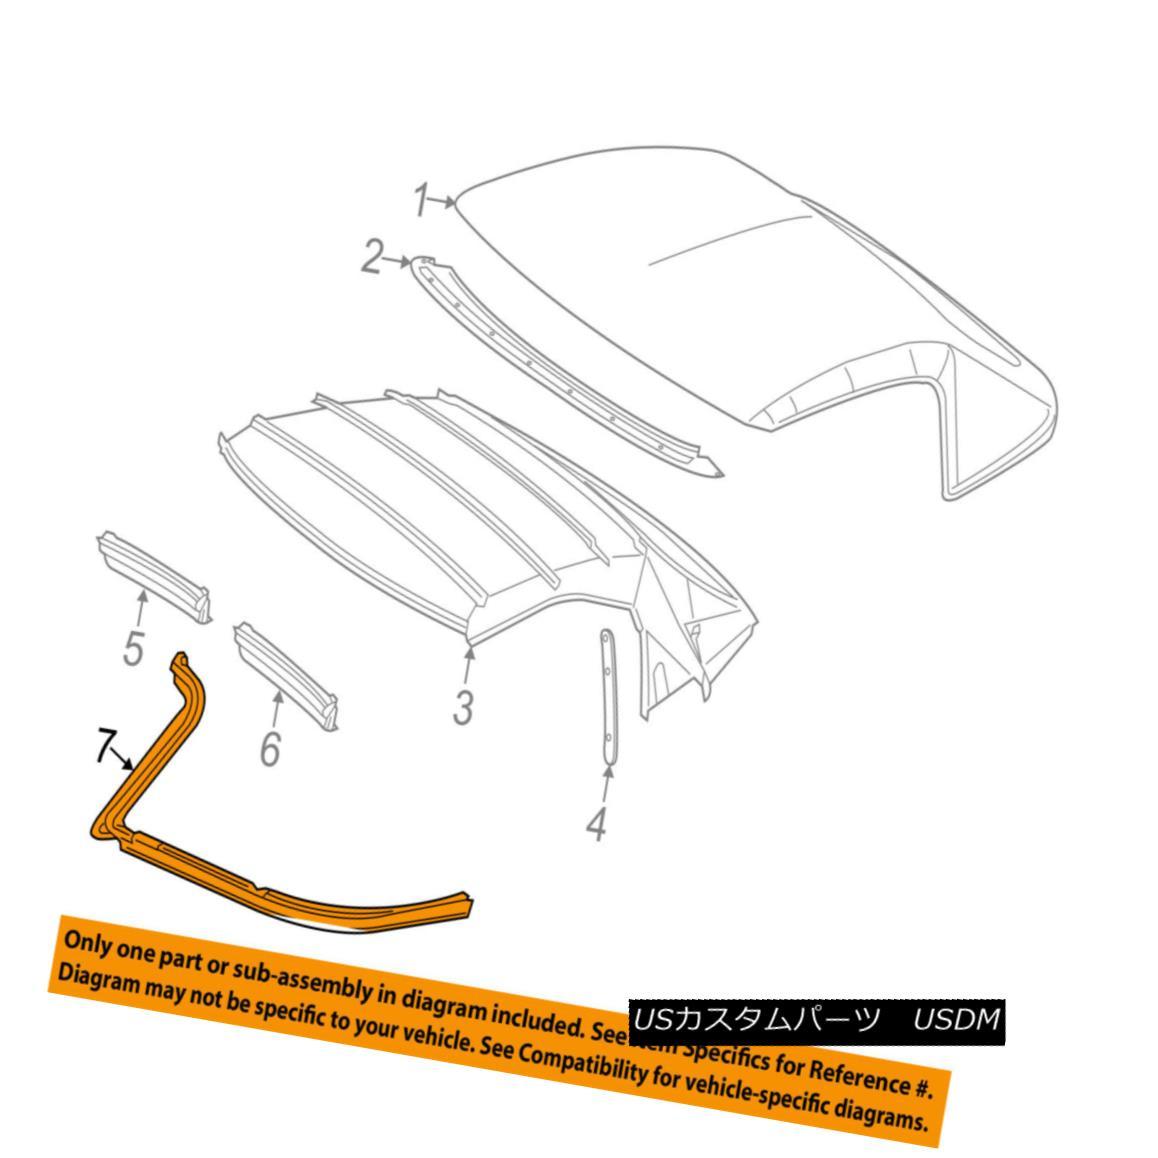 幌・ソフトトップ Chevrolet GM OEM 14-17 Corvette Convertible/soft Top-Lower Seal 22859616 Chevrolet GM OEM 14-17コルベット・コンバーチブル/ so ftトップ・ロア・シール22859616